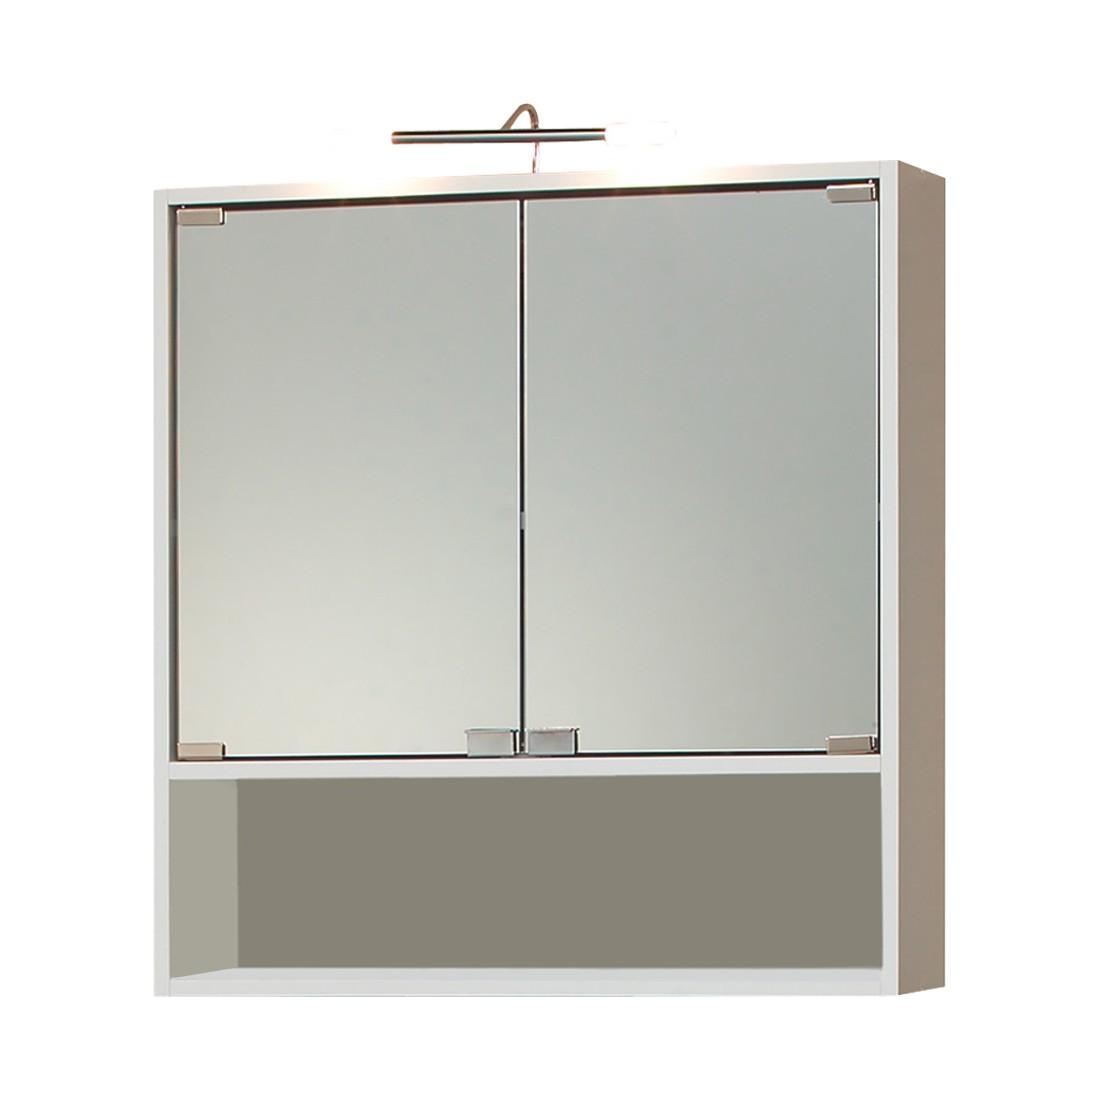 EEK A+, Spiegelschrank Cuneo (mit Beleuchtung) – Weiß, Giessbach jetzt kaufen